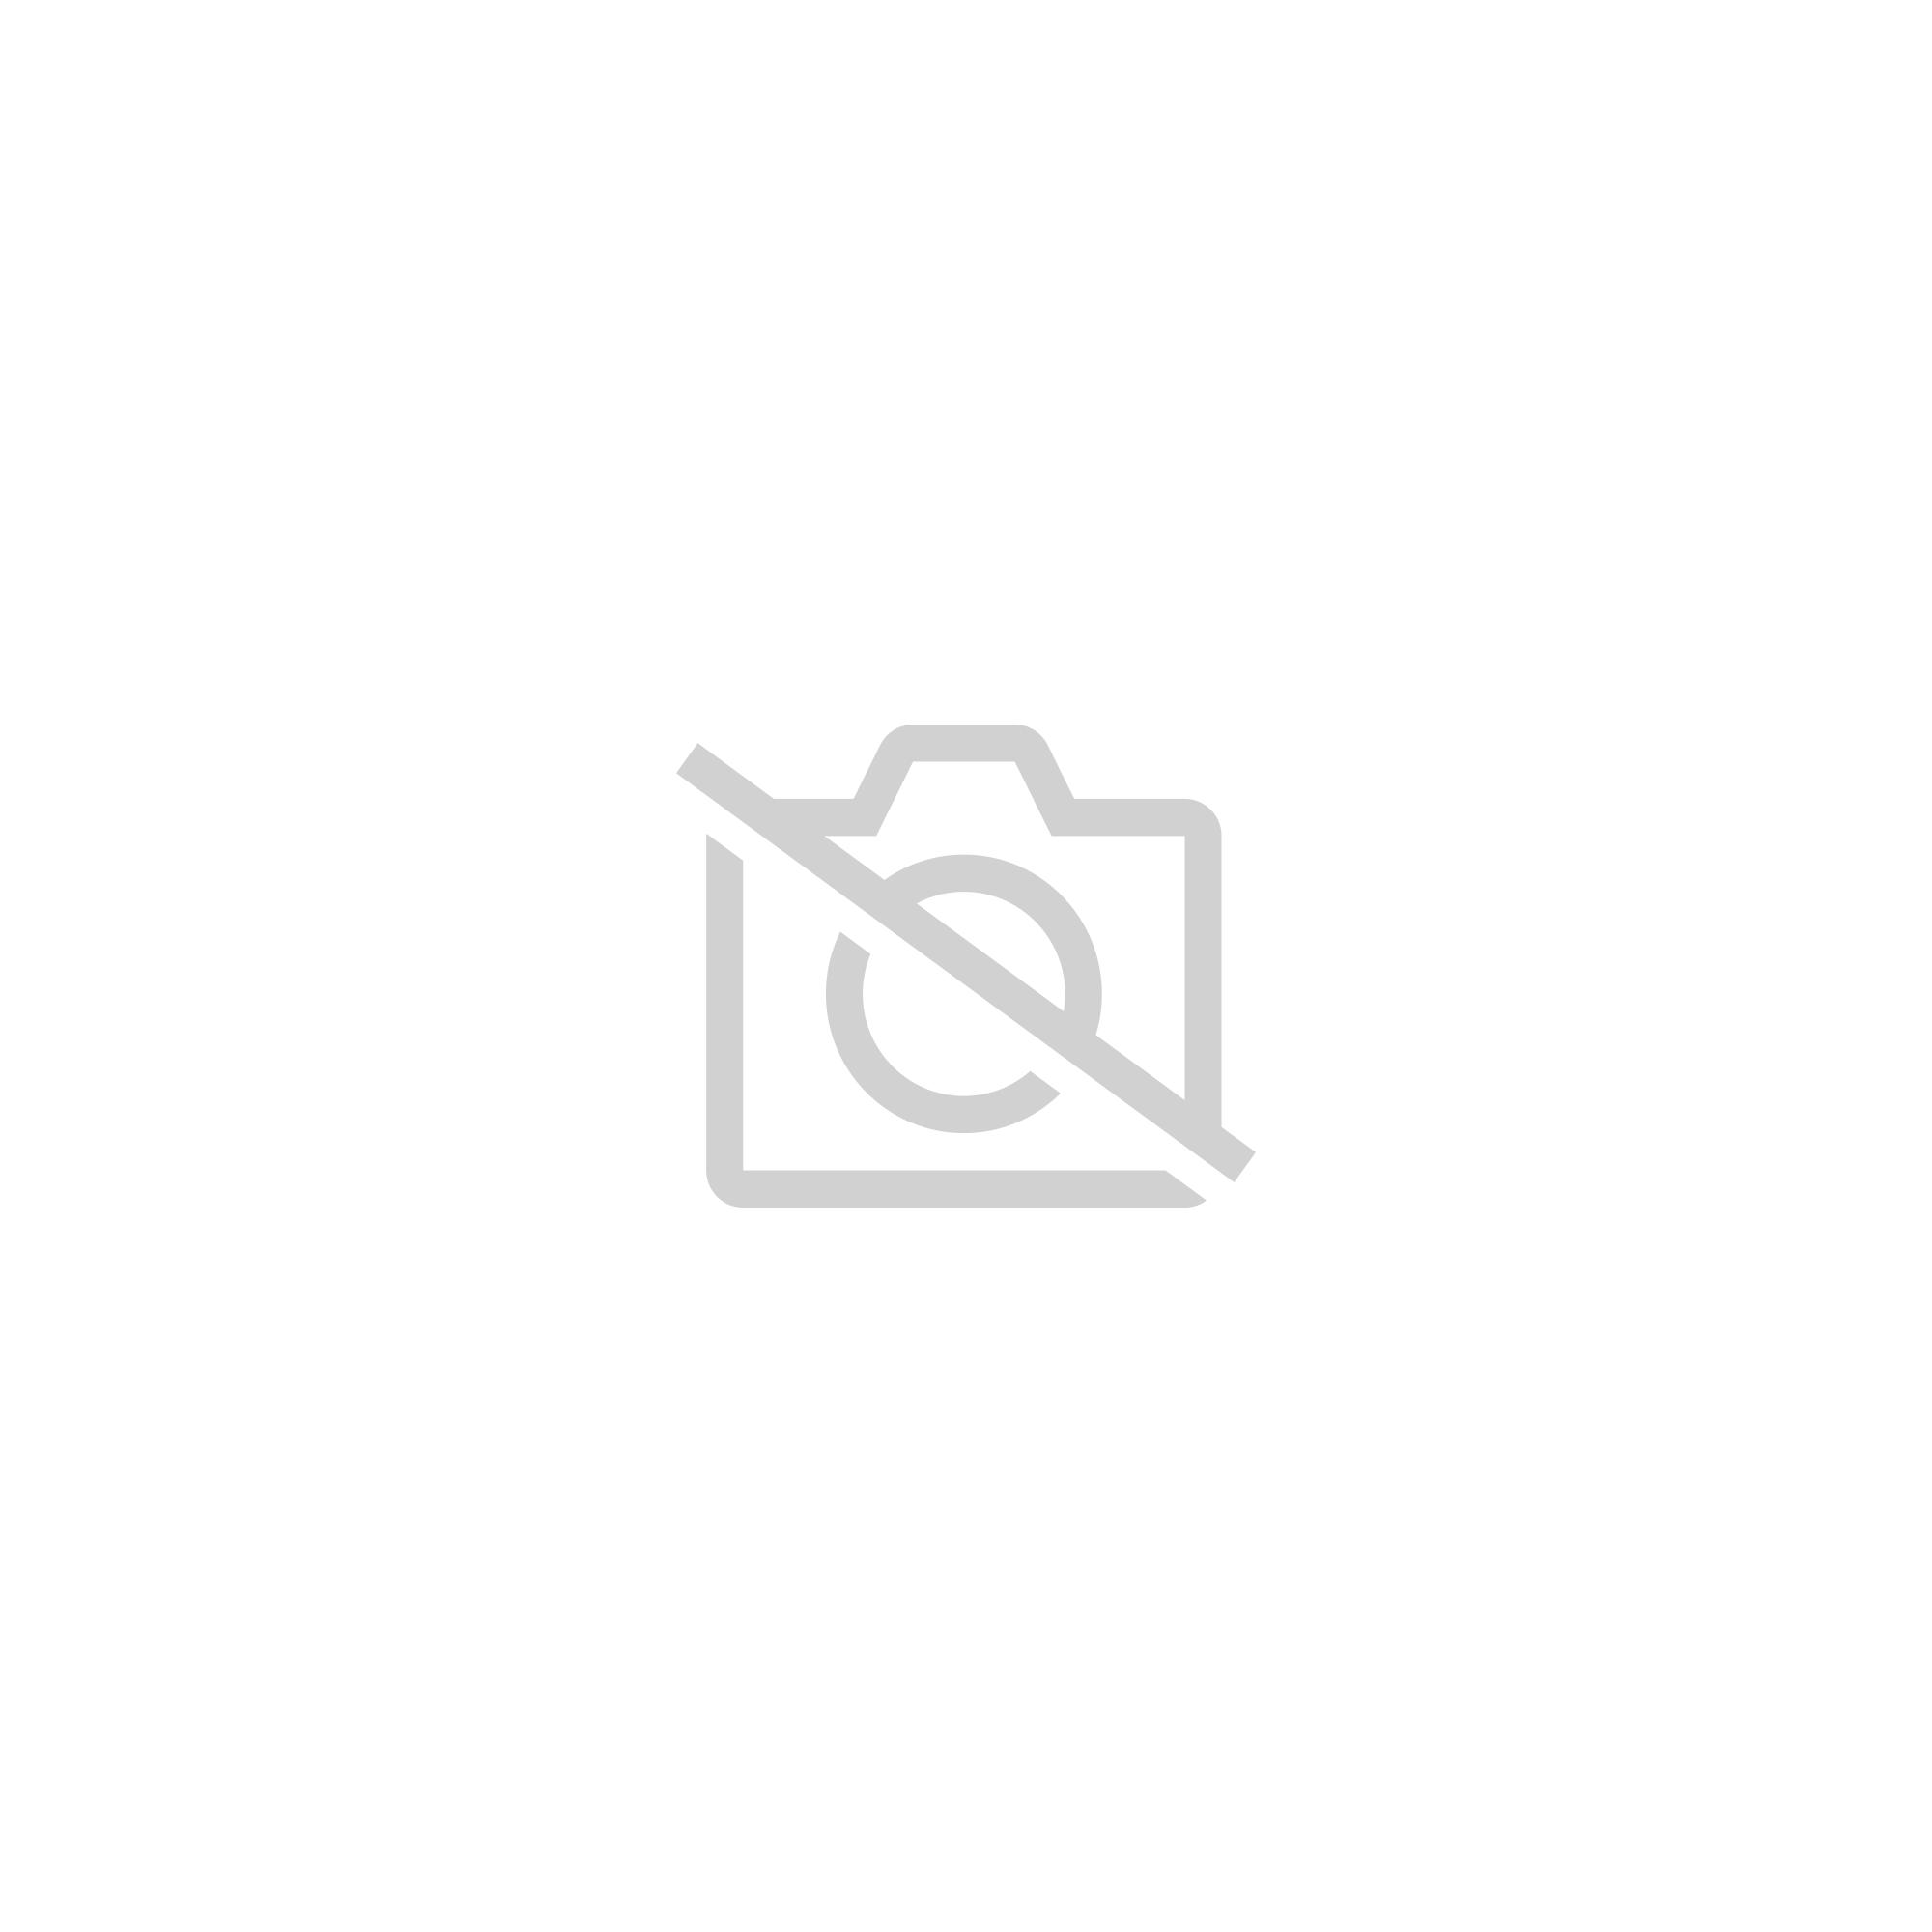 Fiat R/étroviseur ext/érieur droit /électrique Fiat dorigine pour Fiat Ducato type 244 OE 735318850 39 cm